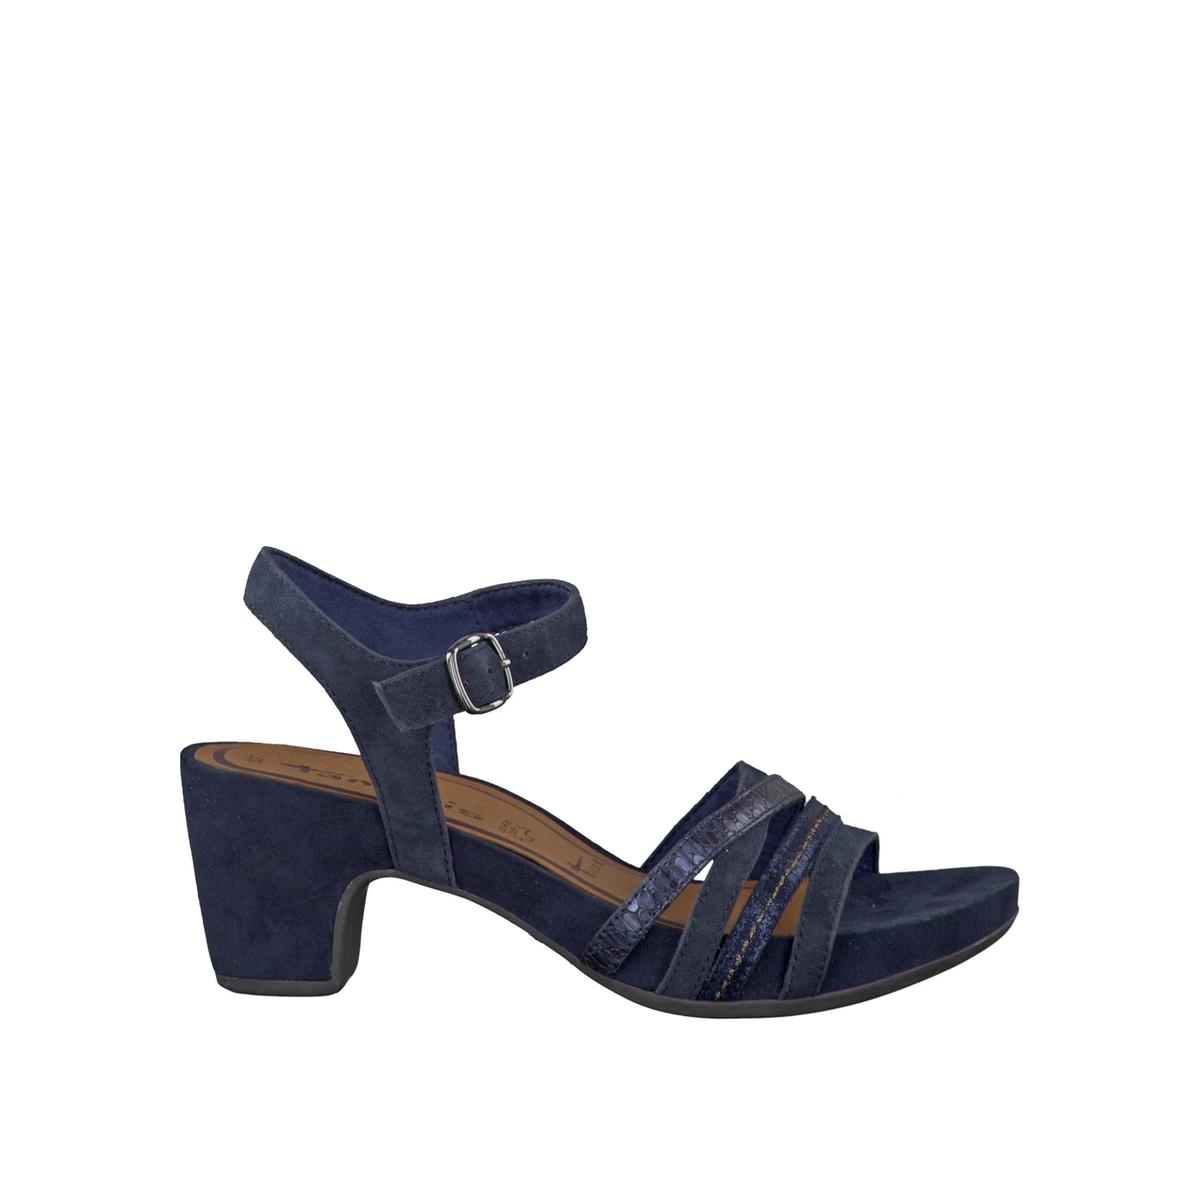 Босоножки 28328-28Верх/Голенище : кожа и текстиль    Подкладка : текстиль    Стелька : кожа     Подошва : синтетика    Высота каблука : 6,5 см    Форма каблука : квадратный каблук    Мысок : закругленный мысок    Застежка : пряжка<br><br>Цвет: синий морской<br>Размер: 40